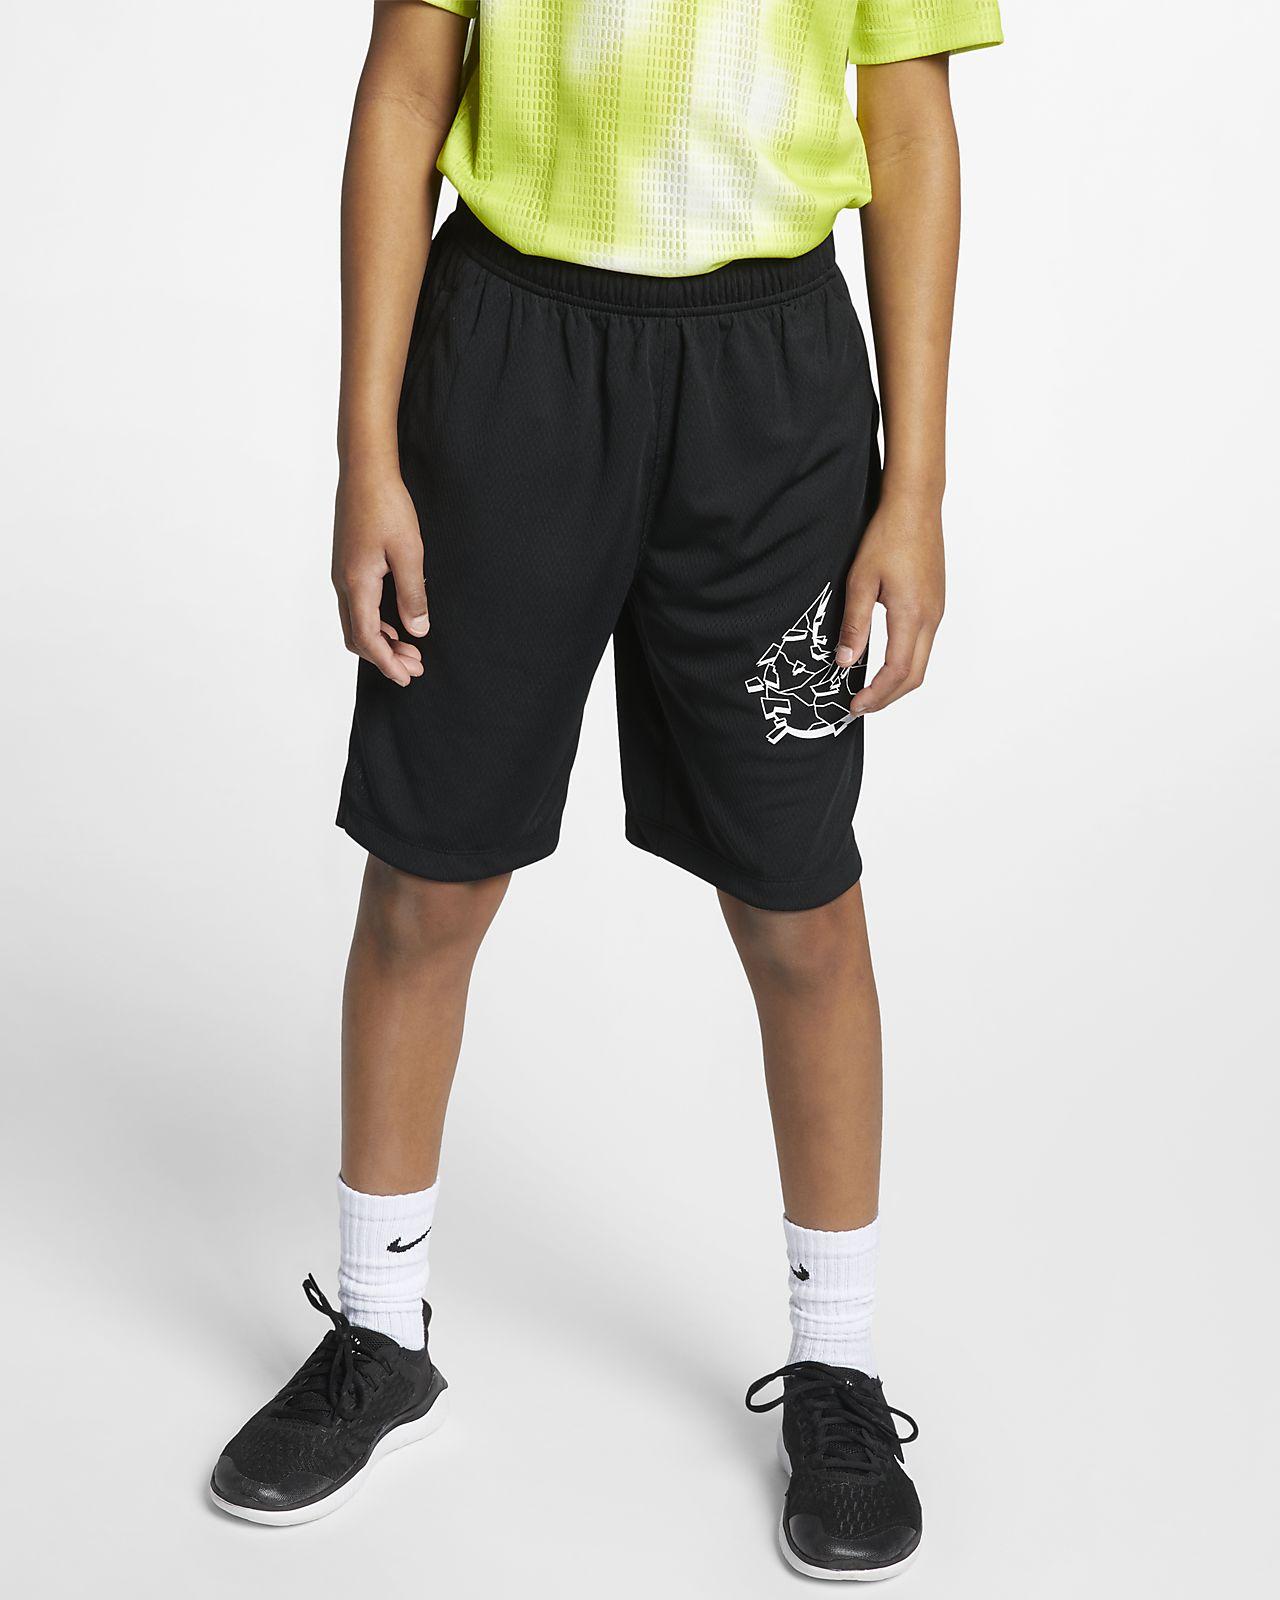 กางเกงเทรนนิ่งขาสั้นเด็กโตพิมพ์ลาย Nike Dri-FIT (ชาย)